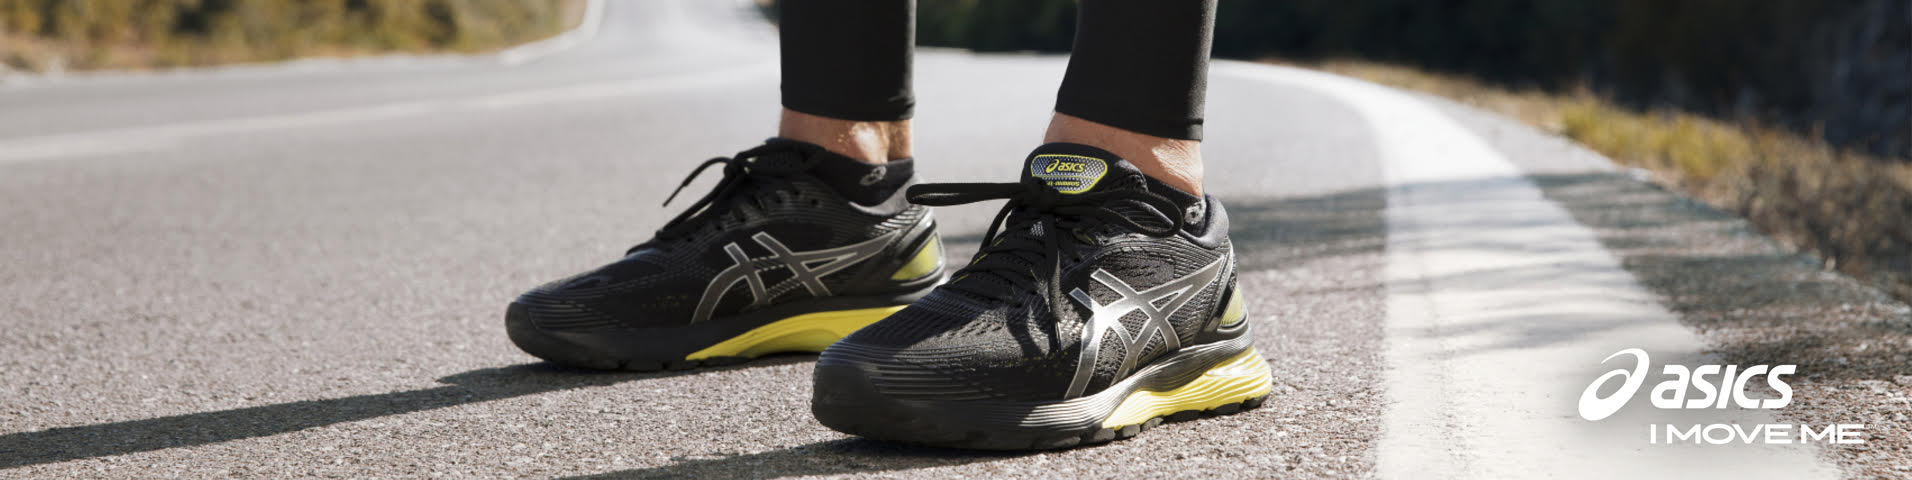 68c581e91faa Chaussures homme ASICS   Large choix en ligne sur Zalando